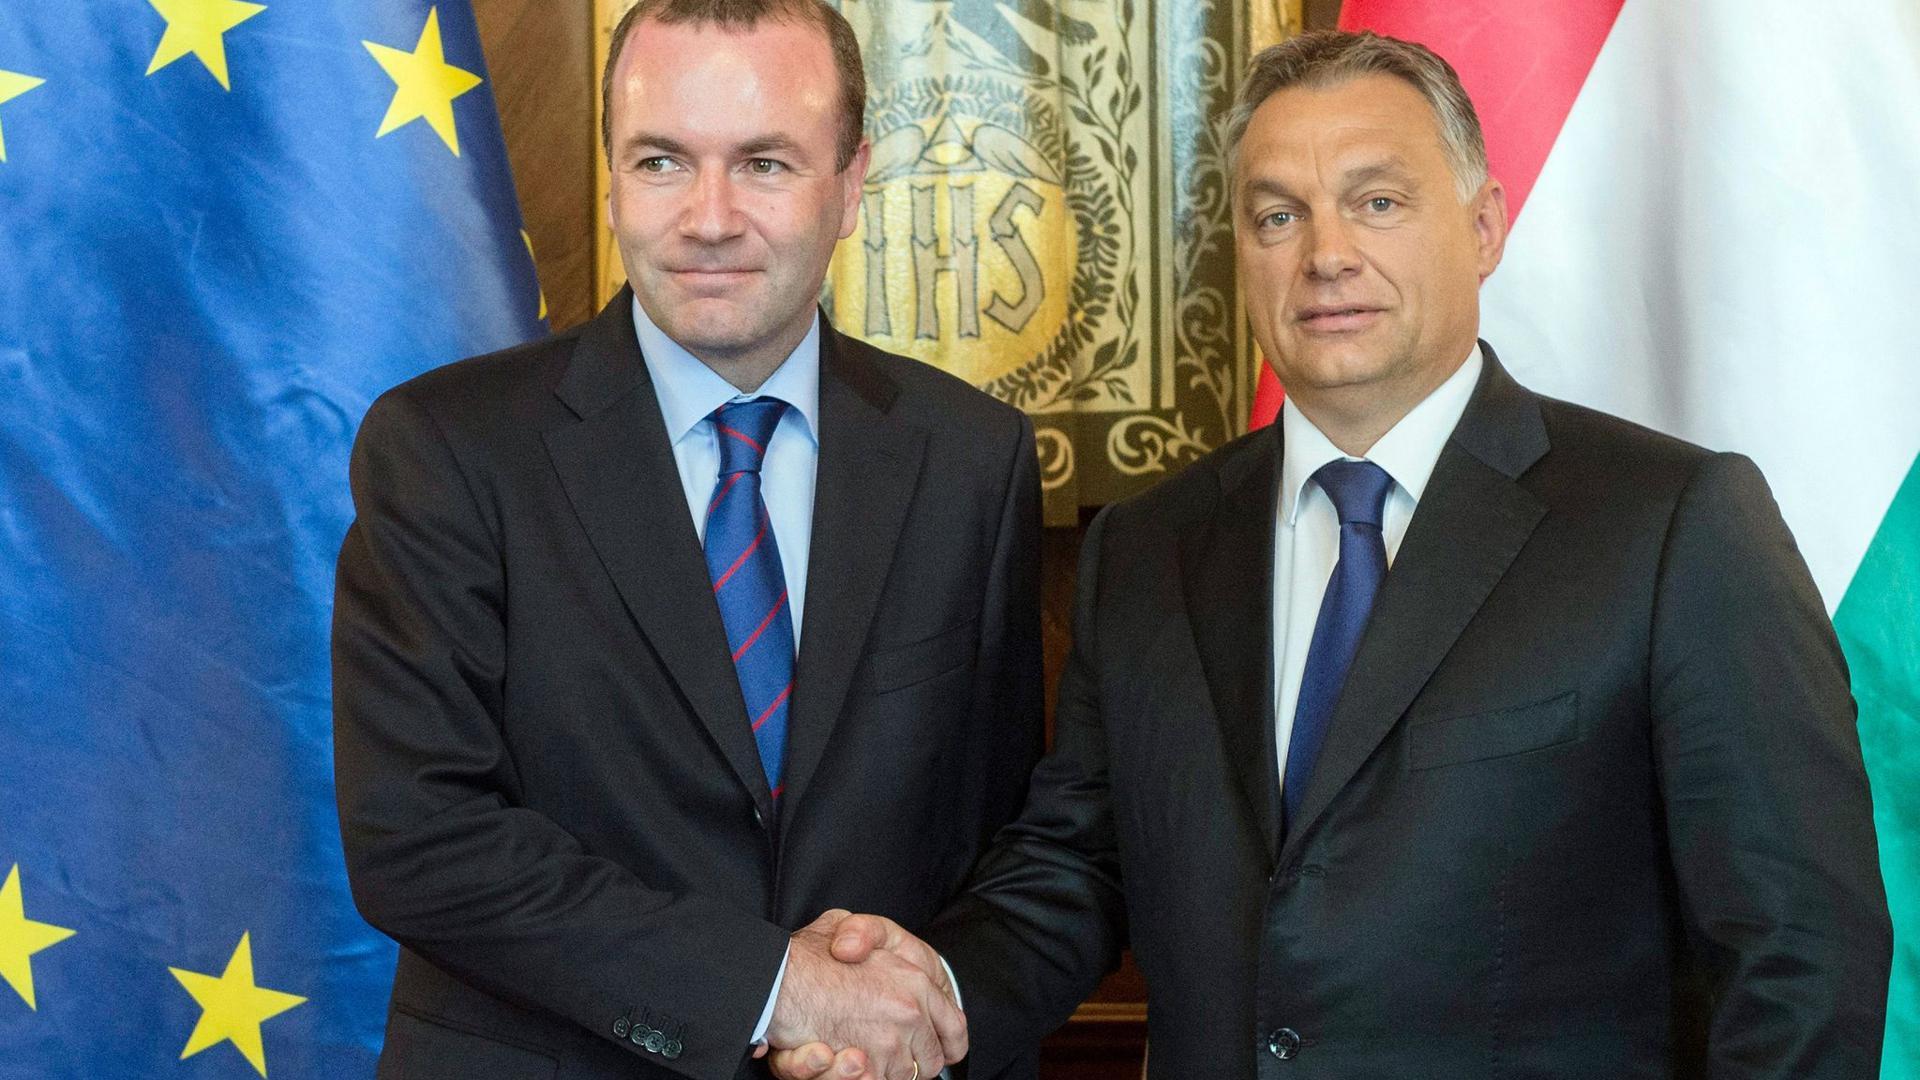 """Viktor Orban (r), Ministerpräsident von Ungarn, gibt Manfred Weber, Vorsitzender der Fraktion der Europäischen Volkspartei (EVP), bei ihrem Treffen im Parlamentsgebäude die Hand. (zu dpa """"Finale im Streit zwischen Manfred Weber und Viktor Orban"""")"""